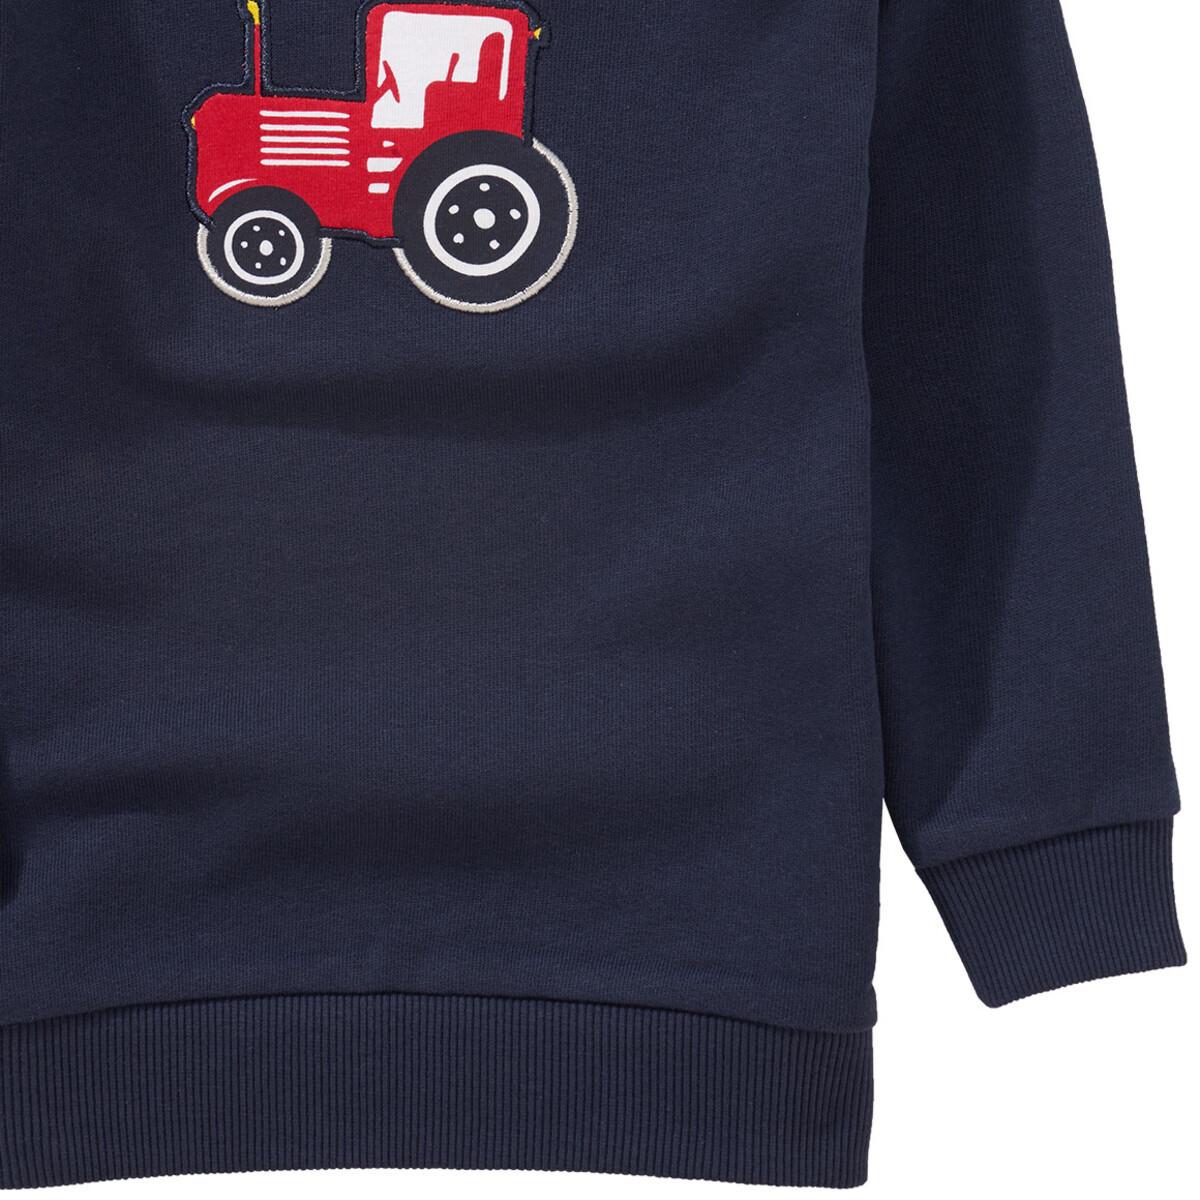 Bild 3 von Jungen Sweatshirt mit Trecker-Applikation